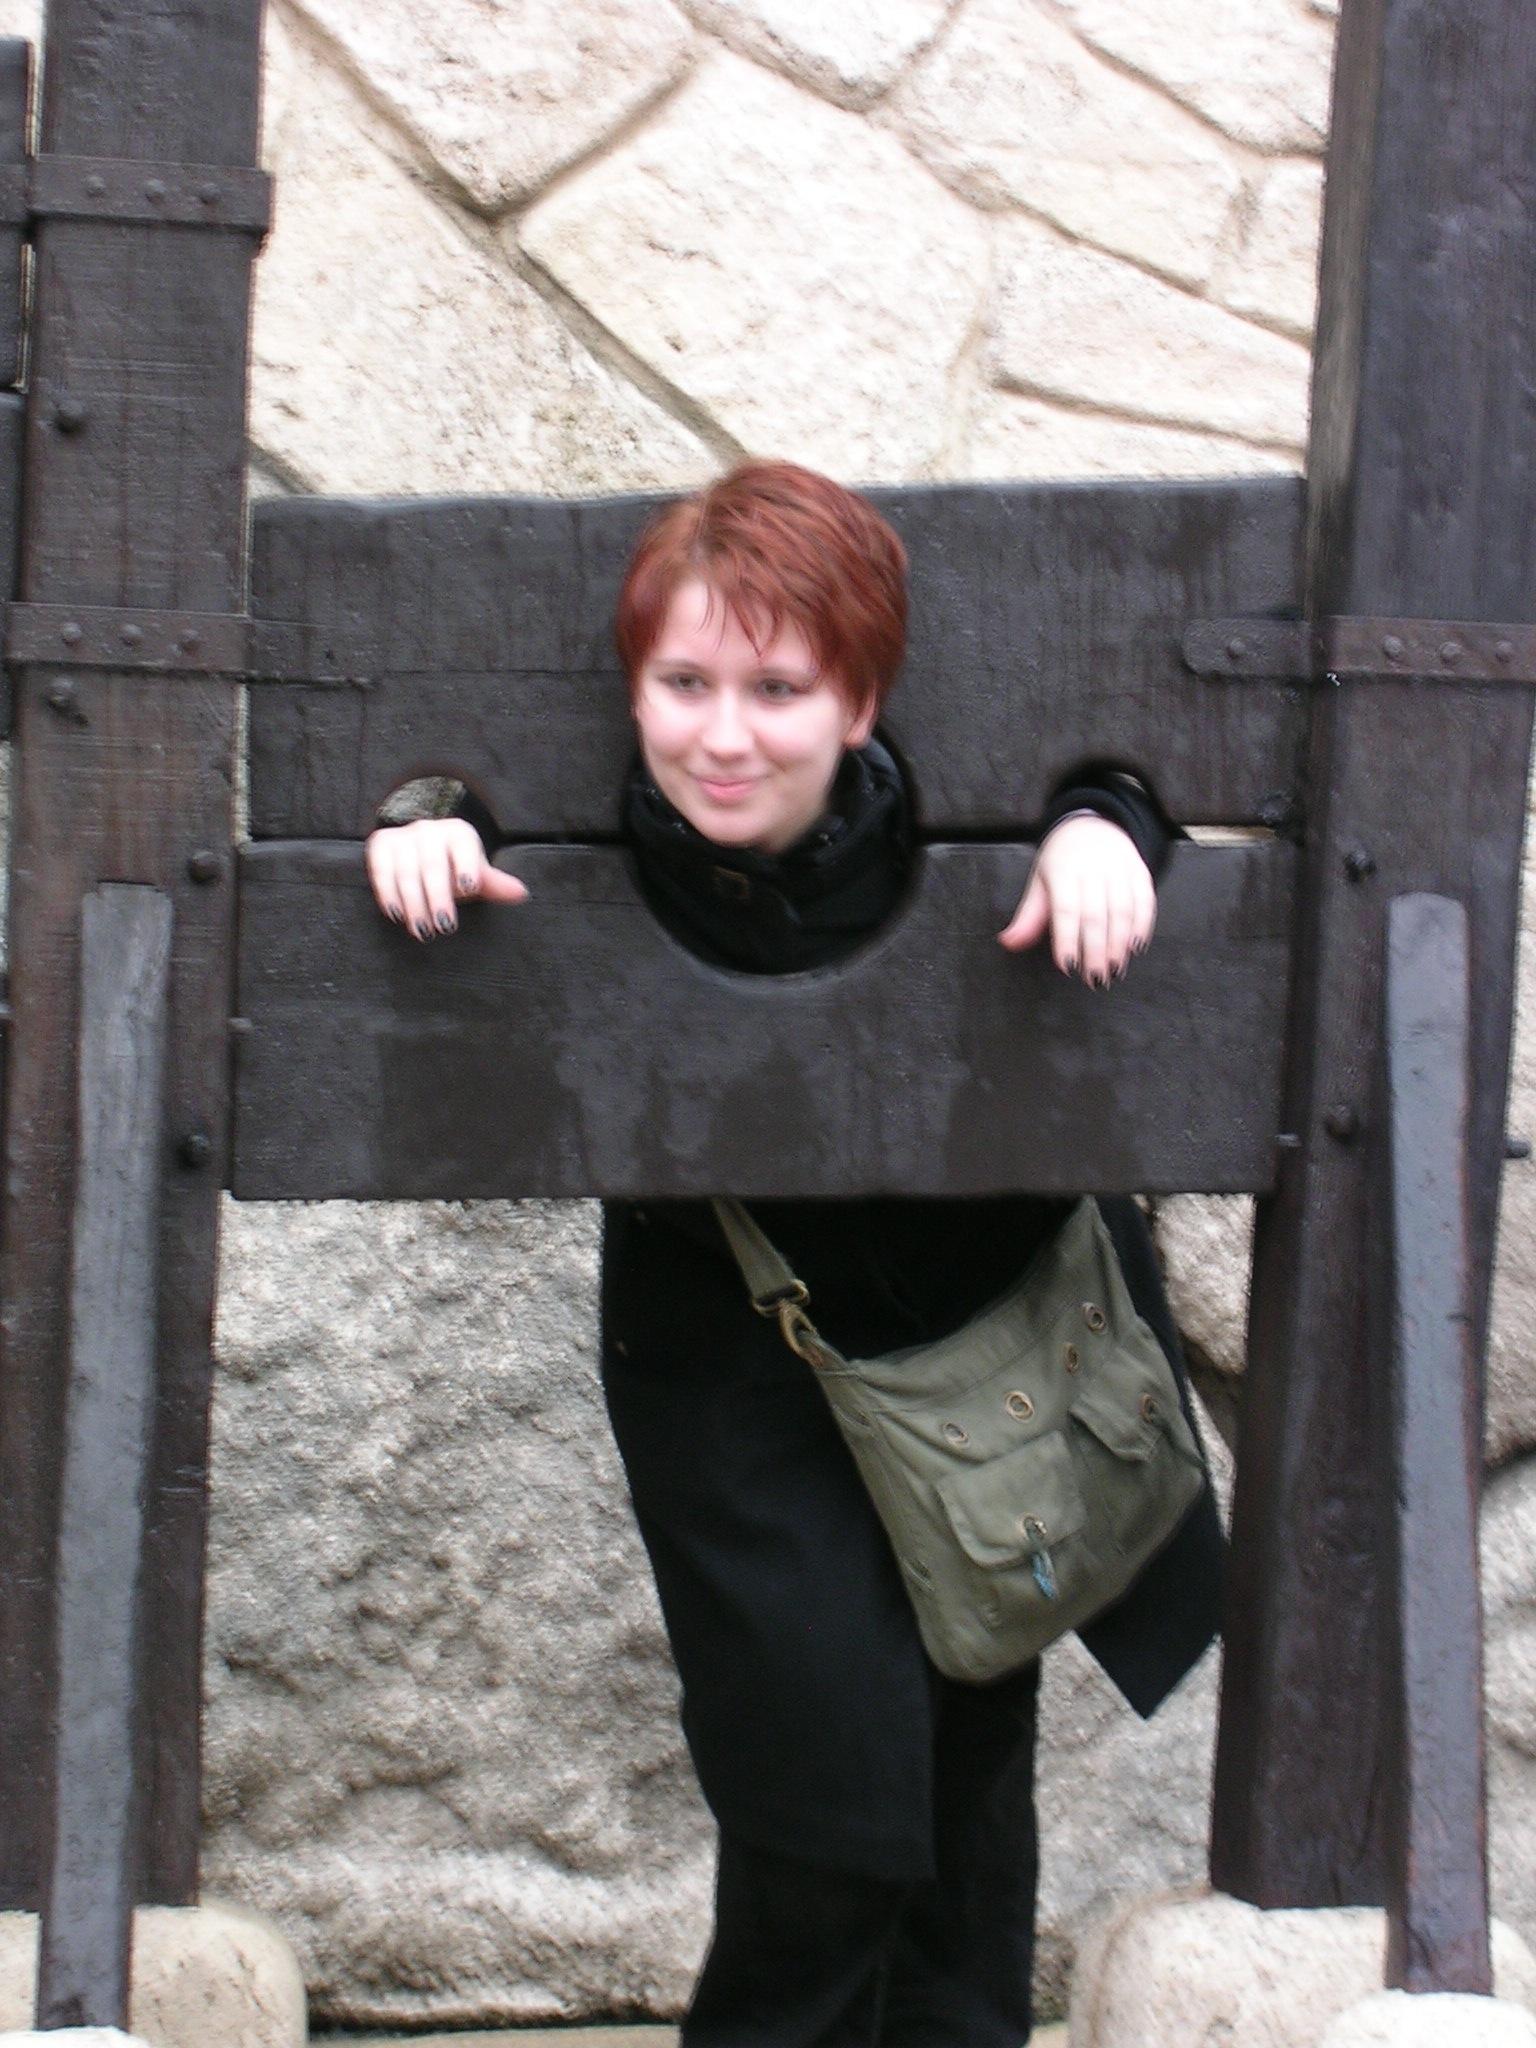 Photo 13 - AngeSolo arrêtée pour contrebande